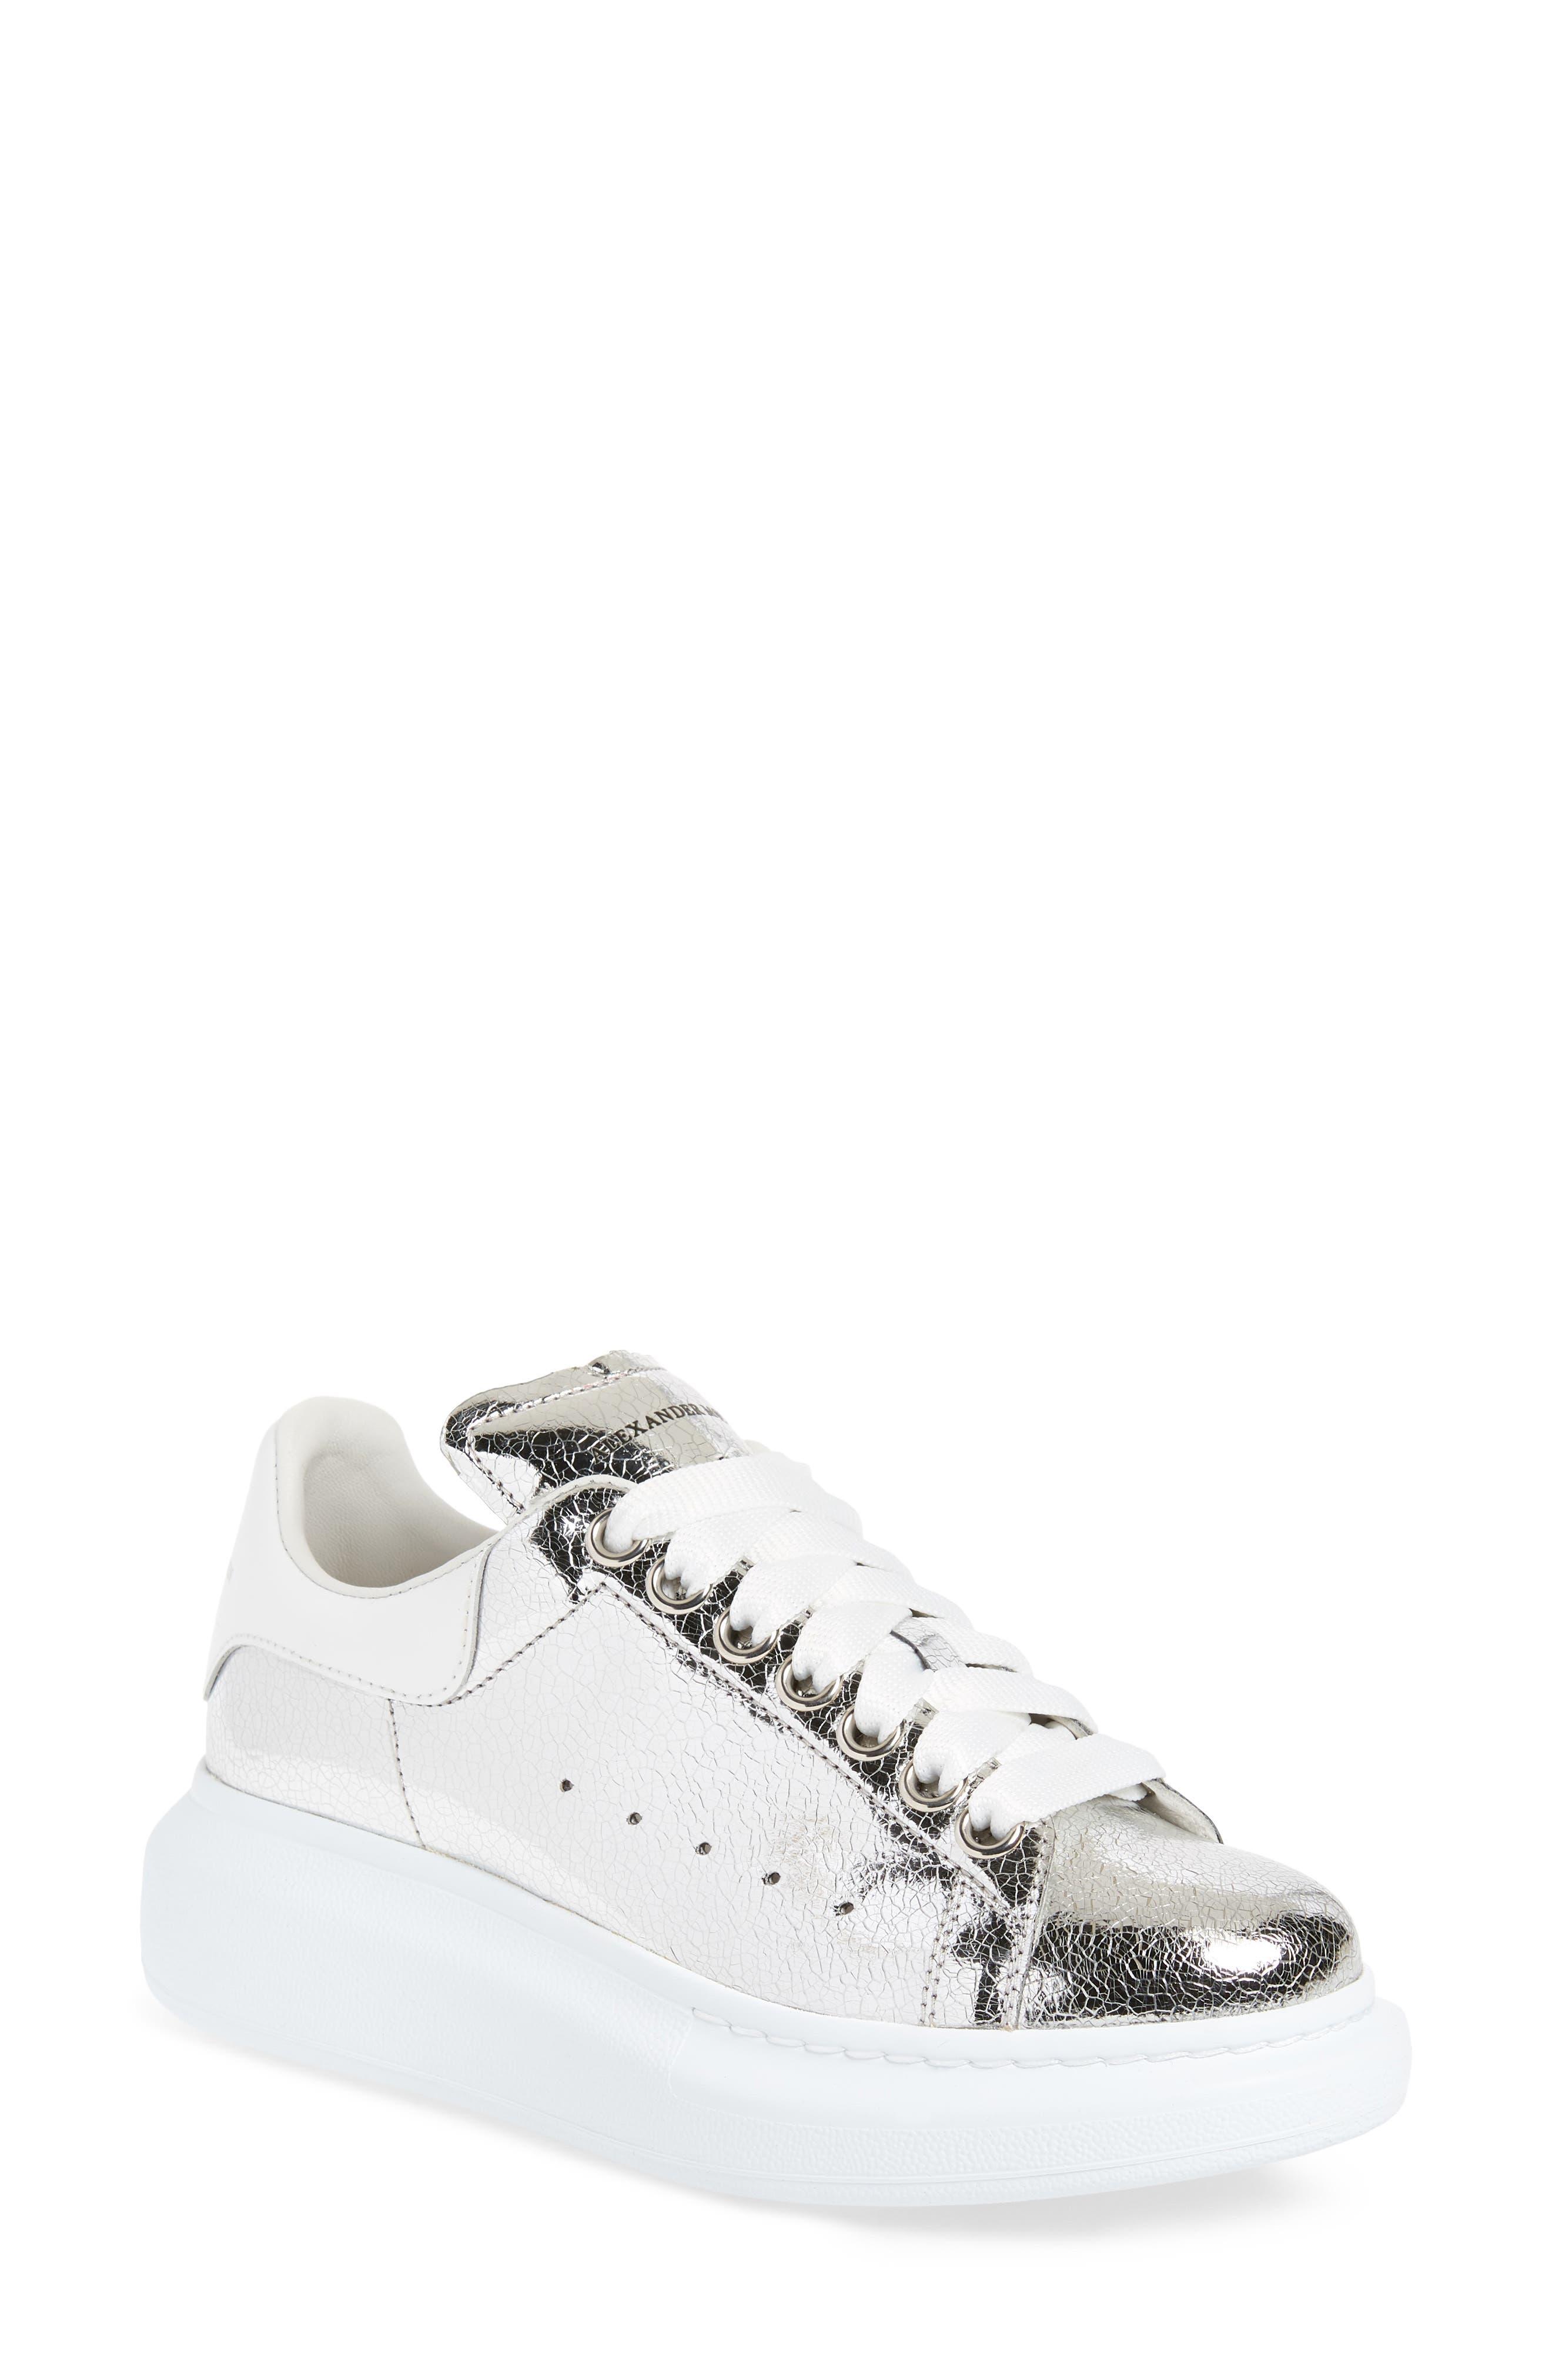 T Alexandermcqueen Shoes Alexandermcqueen Alexander T Mcqueen Mcqueen Shoes Alexander 8zAgx